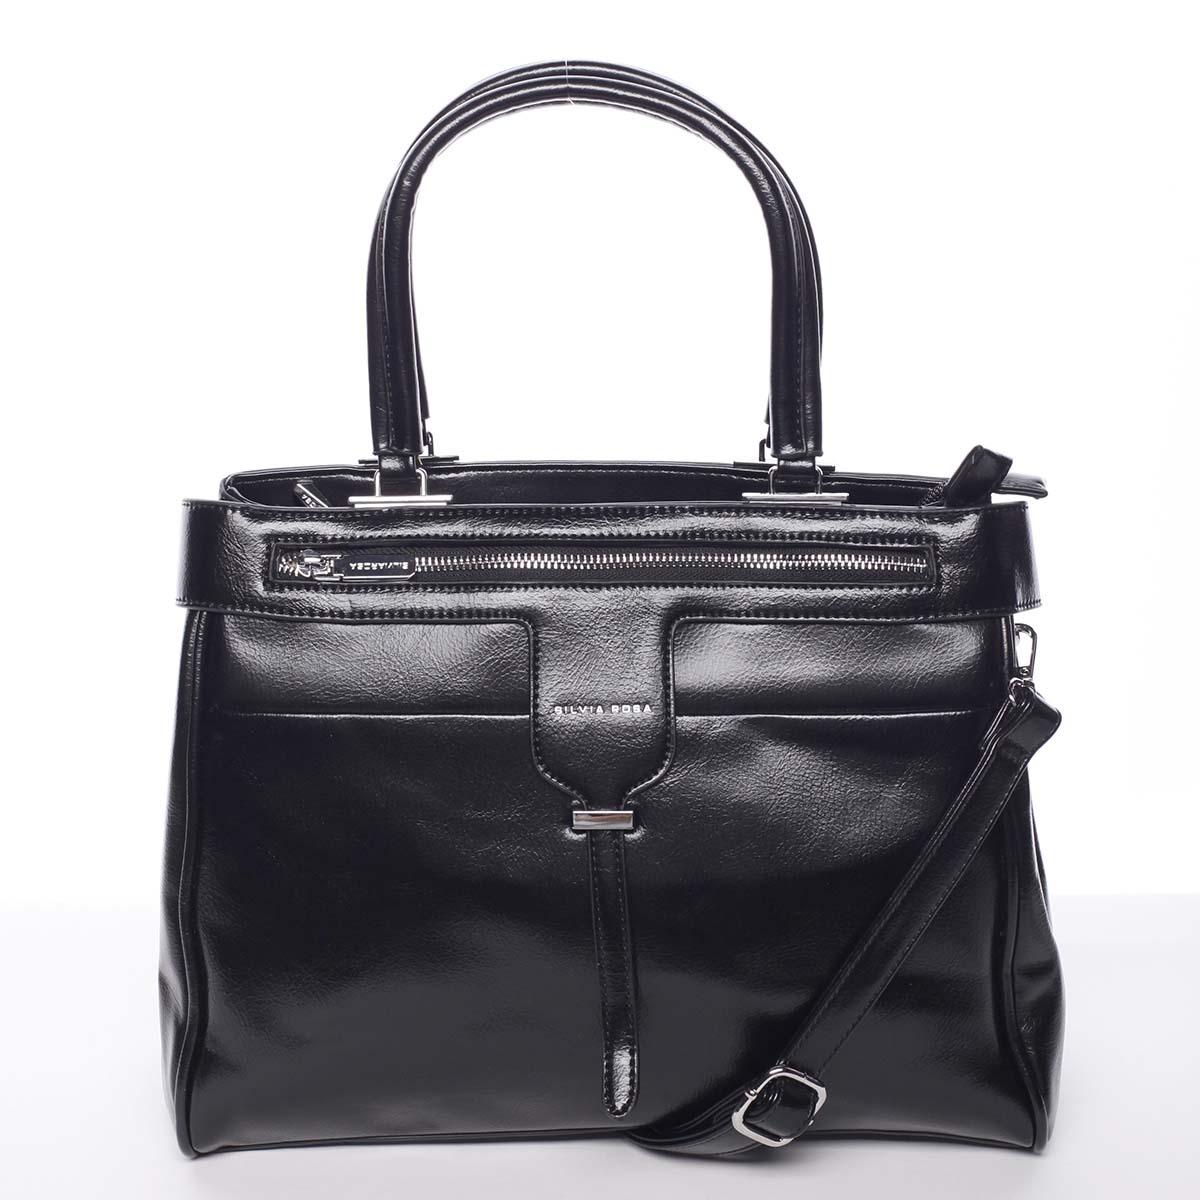 Luxusní moderní dámská černá kabelka do ruky - Silvia Rosa Venus černá